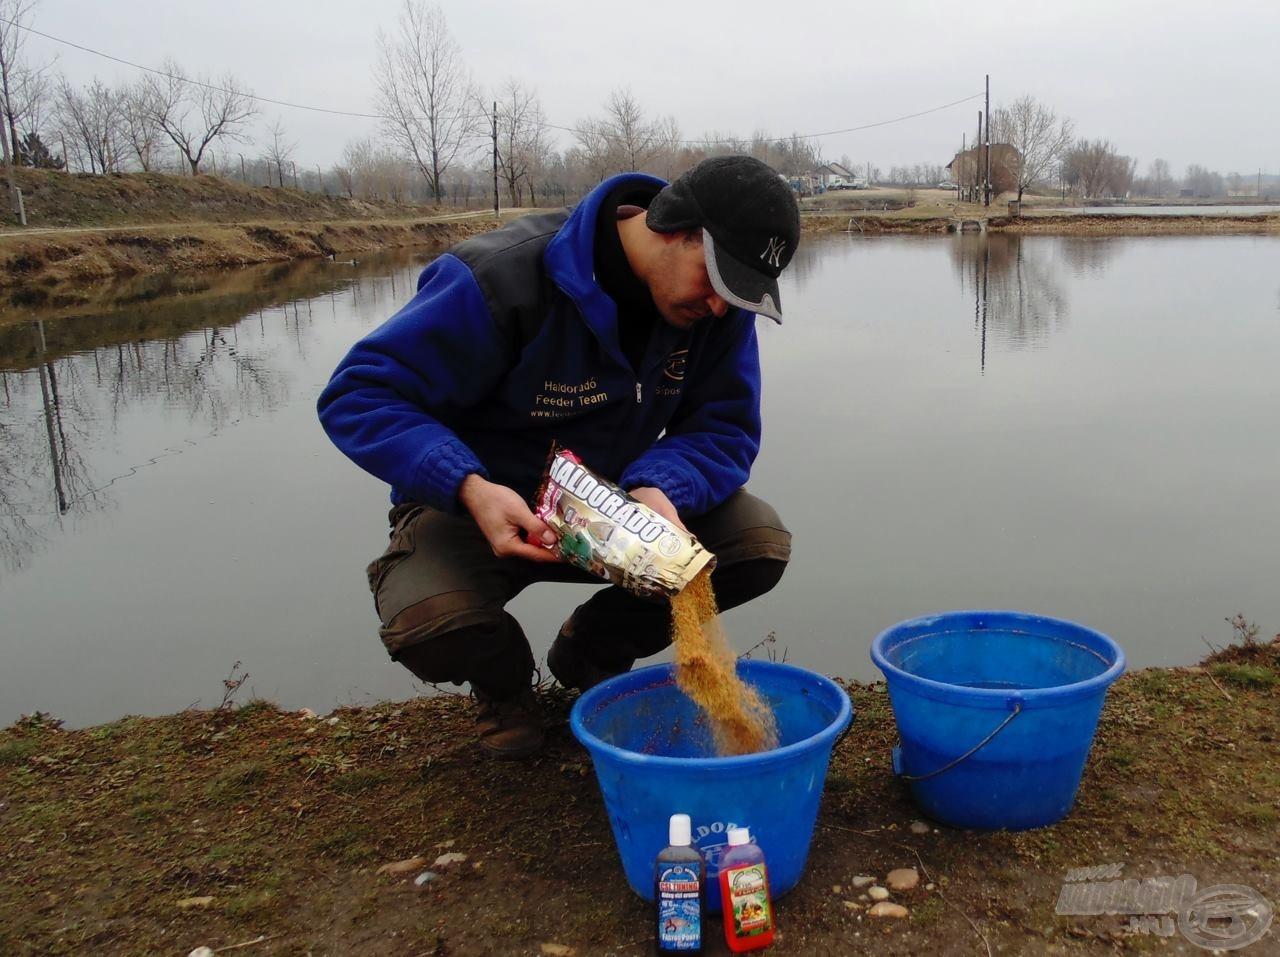 Az édes íz dominál ebben a versenyszerű horgászatra kifejlesztett etetőanyagban, amelyet a prémium minőségű csomagolásnak köszönhetően sokáig meg is őriz!